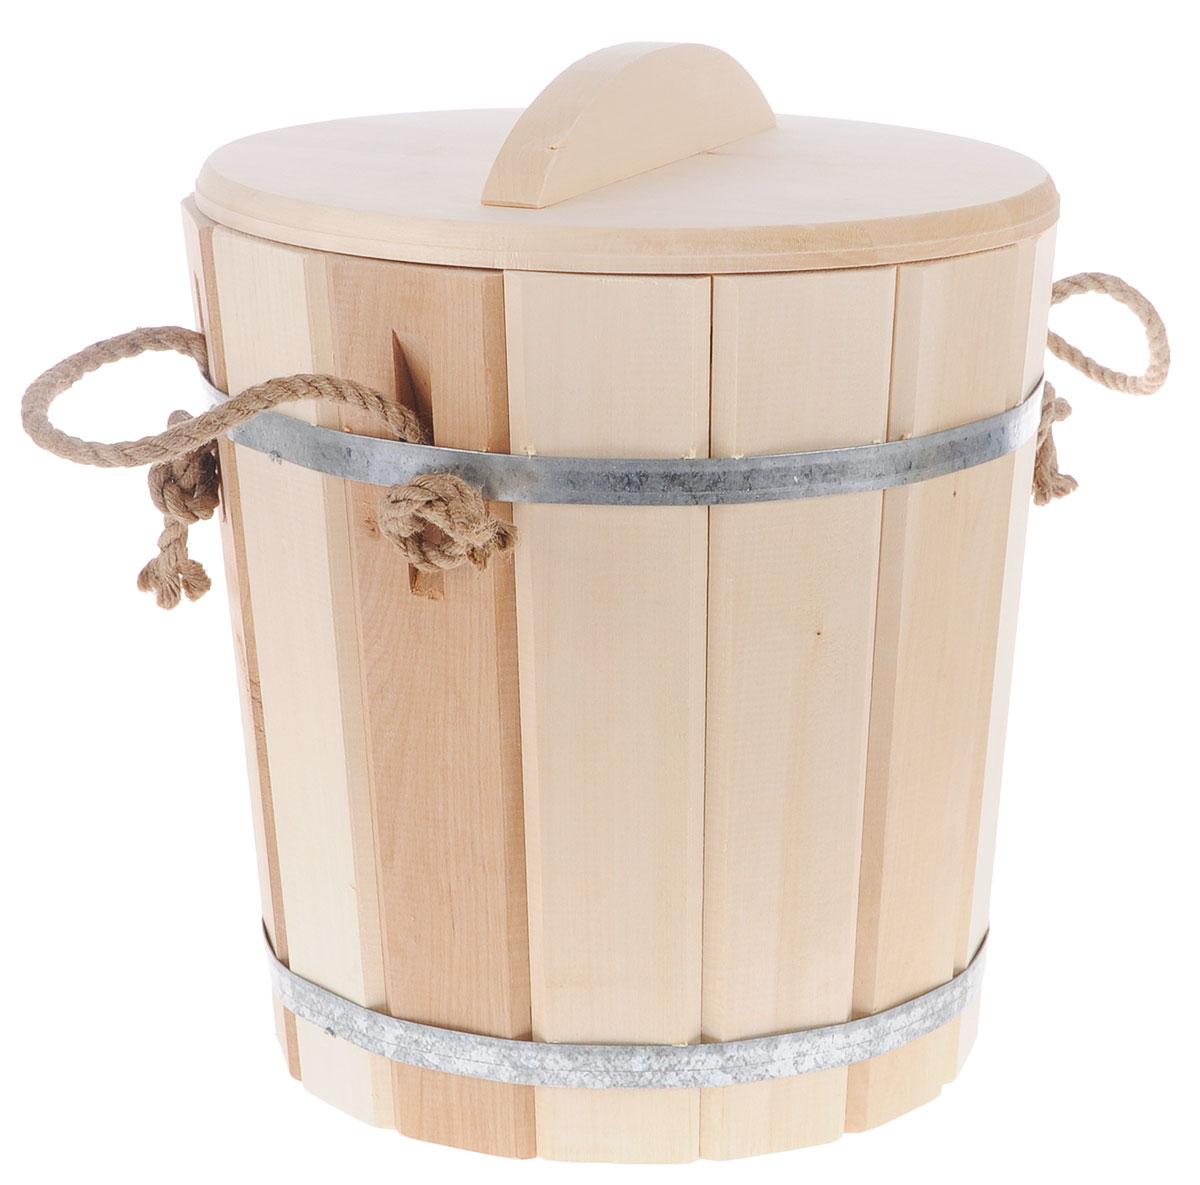 Купить обливное ведро для бани в москве – saunamart